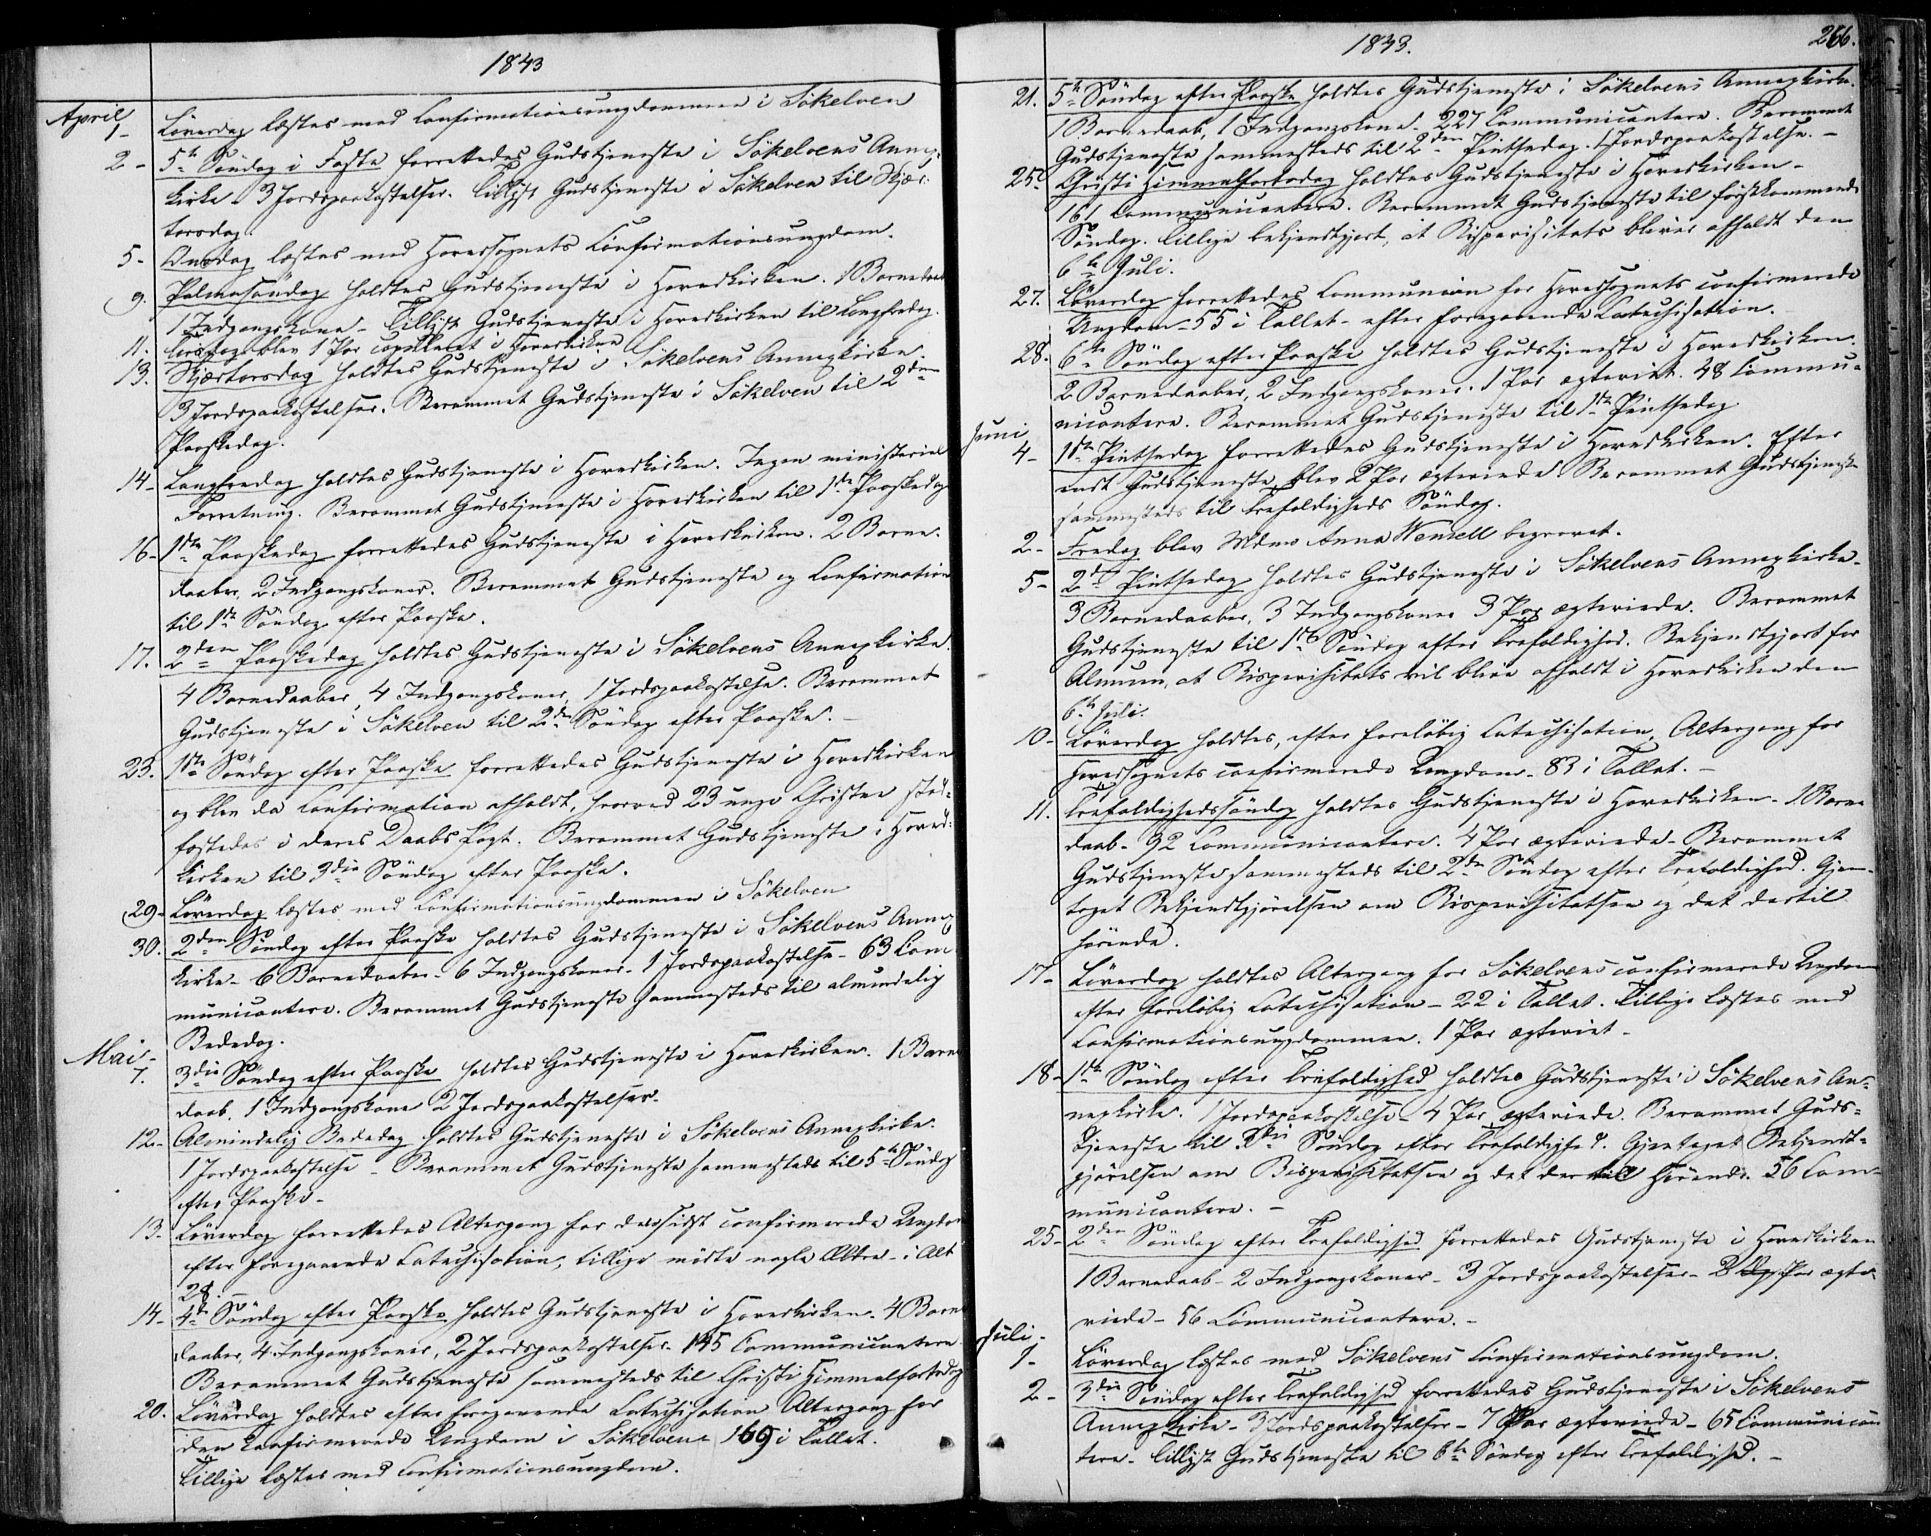 SAT, Ministerialprotokoller, klokkerbøker og fødselsregistre - Møre og Romsdal, 522/L0312: Ministerialbok nr. 522A07, 1843-1851, s. 266